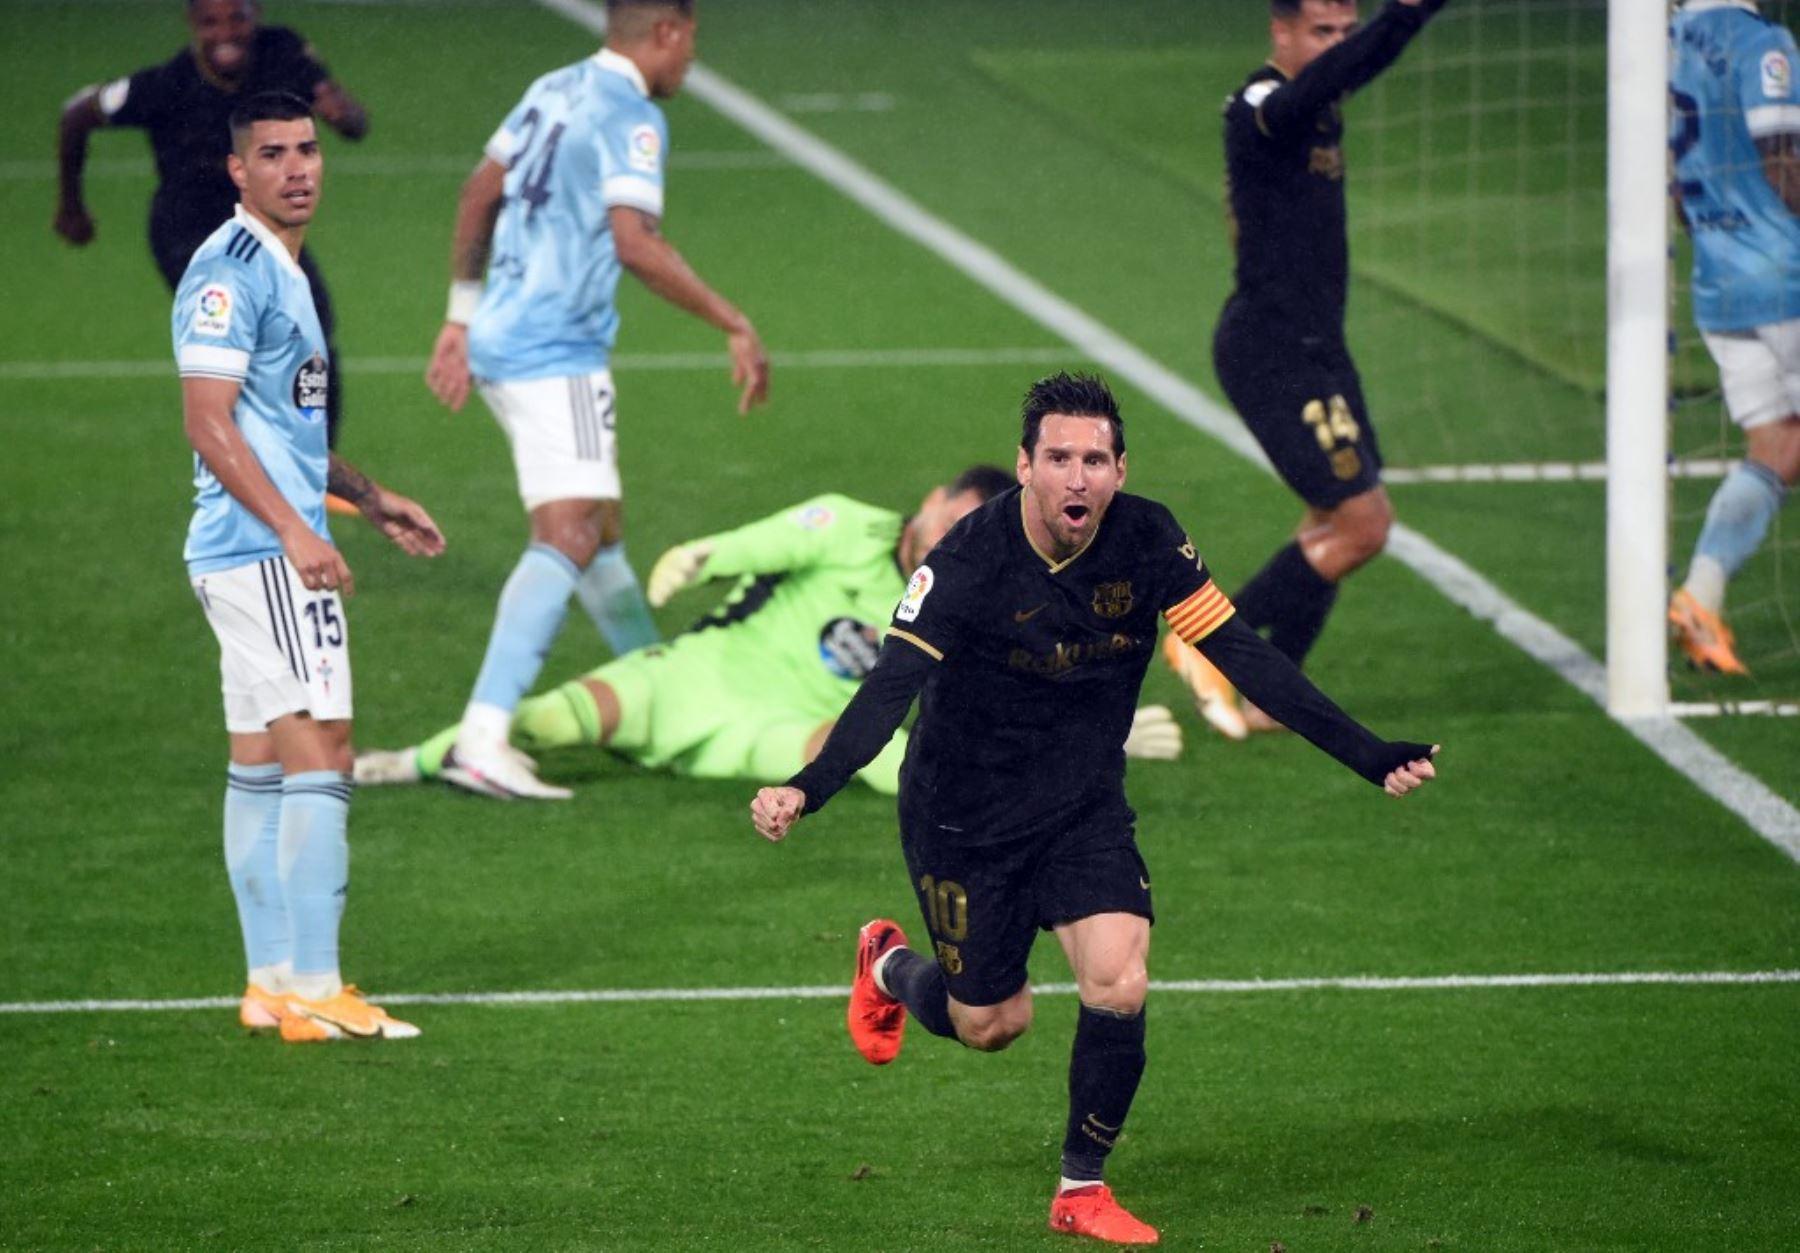 El delantero argentino del Barcelona Lionel Messi celebra el gol en propia puerta del defensor uruguayo del Celta Vigo Lucas Olaza durante el partido de fútbol de la liga española RC Celta de Vigo contra el FC Barcelona en el estadio Balaidos de Vigo .Foto:AFP